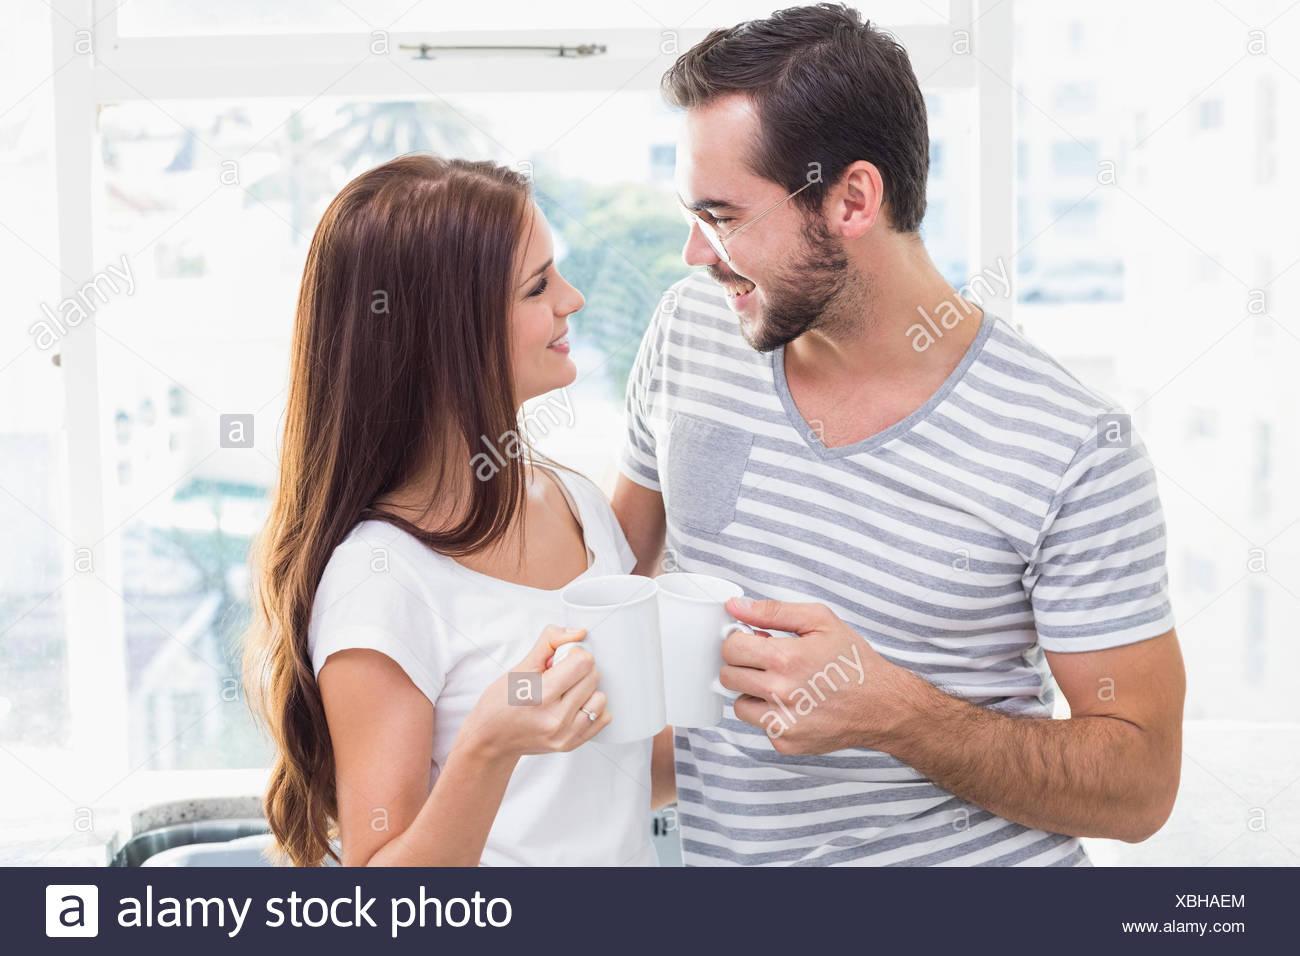 Jeune couple toasting leurs cafés Photo Stock